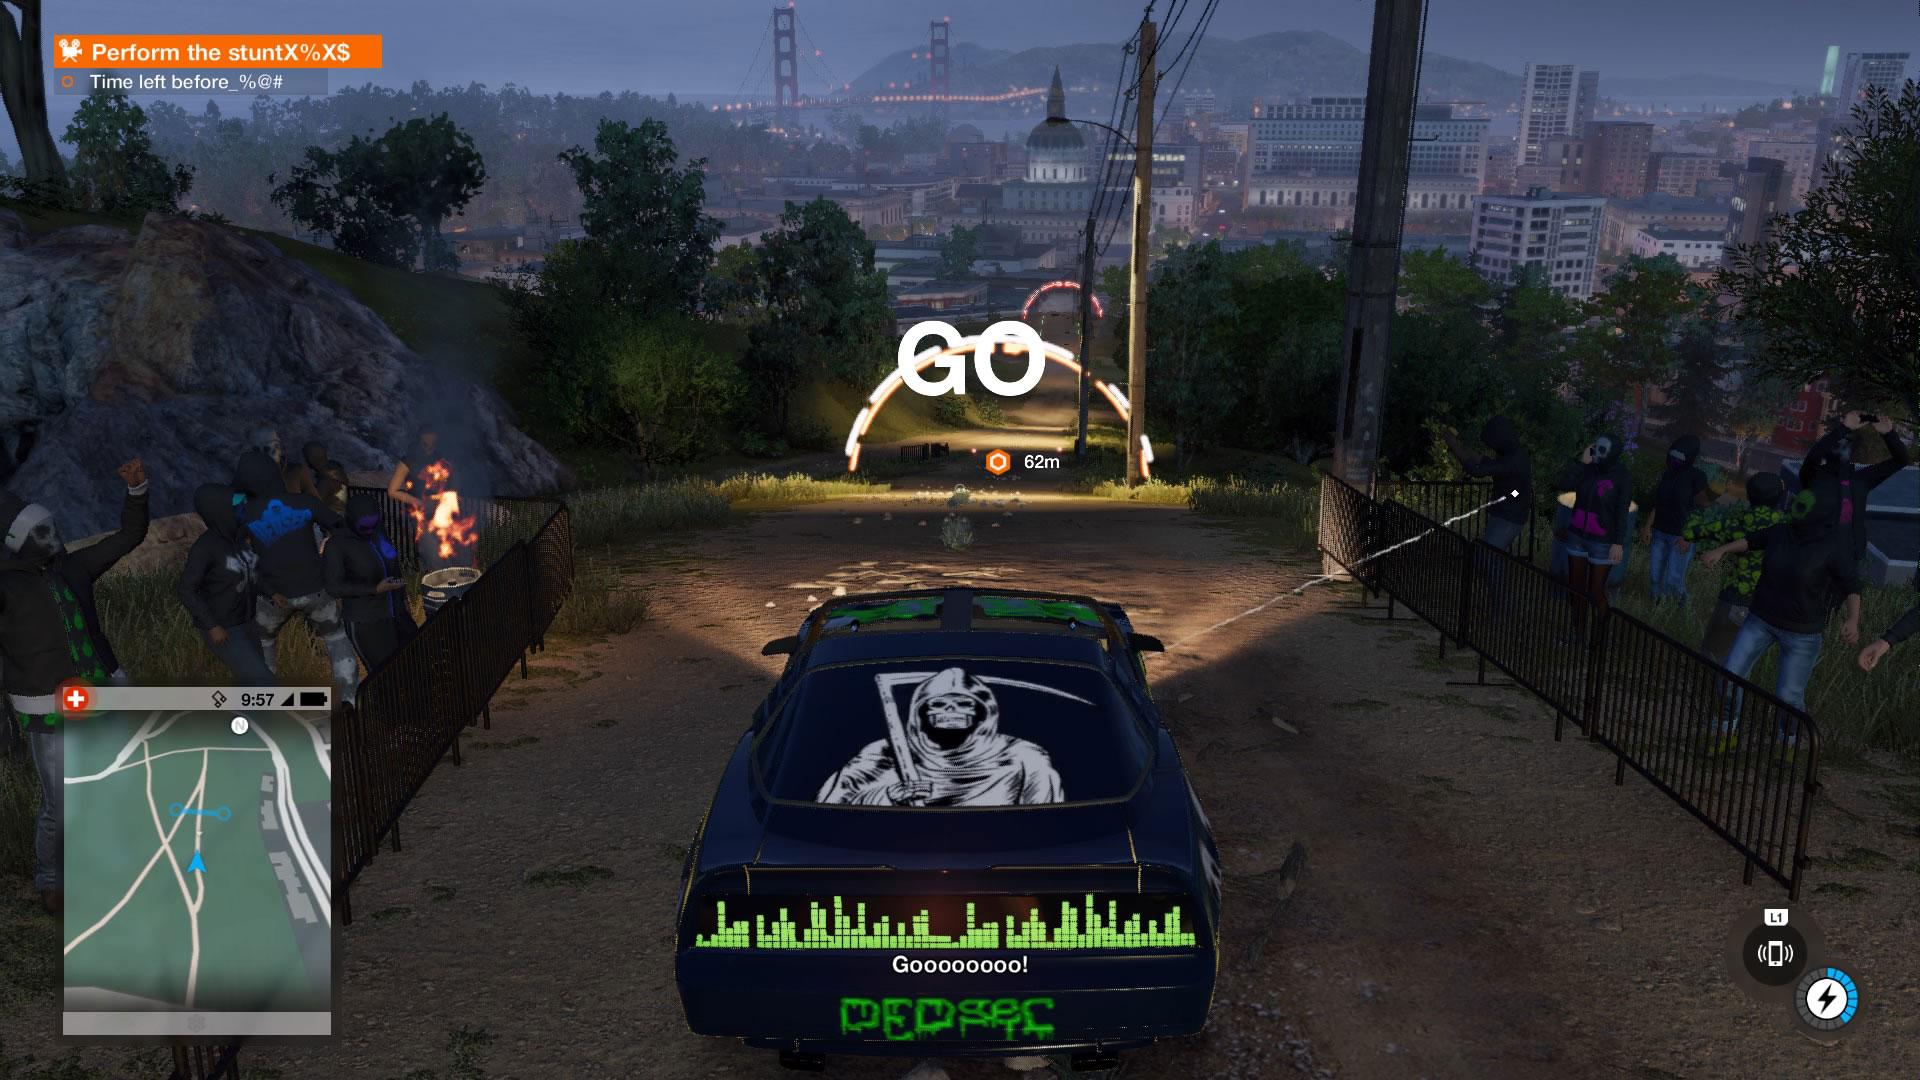 Bilkjøringen er en av flere ting som har blitt forbedret i Watch Dog 2 (Foto: Ubisoft, gameplay Martin Anfinsen)